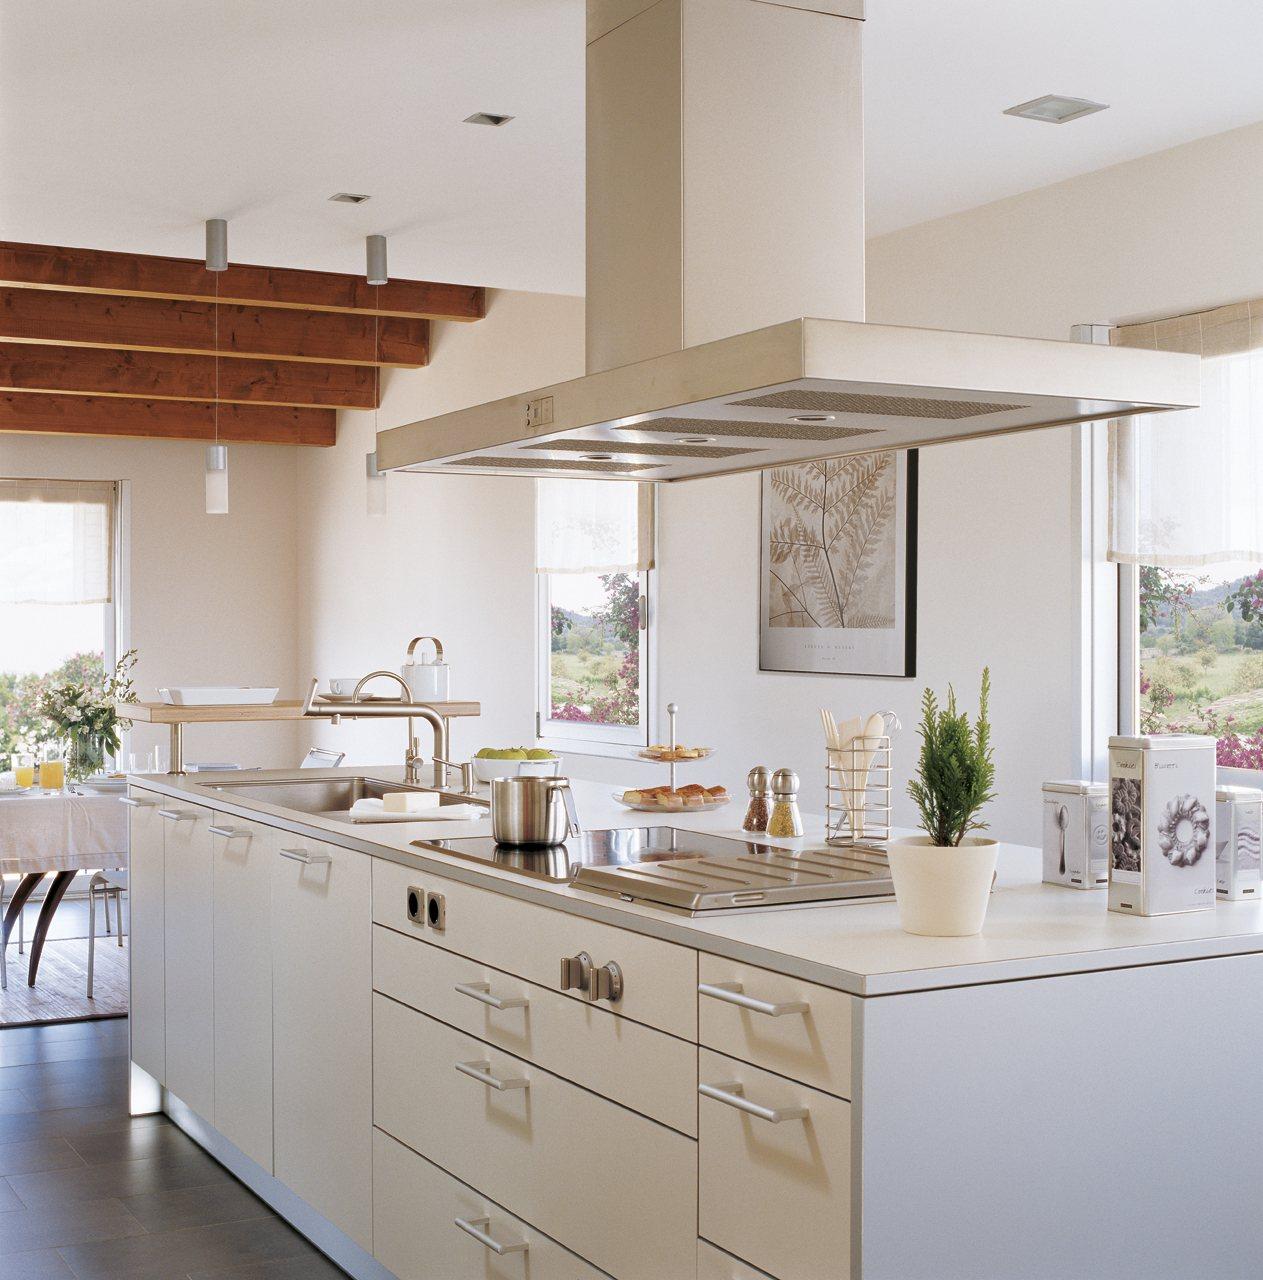 C mo tener una cocina m s ordenada - Cocinas ourense ...